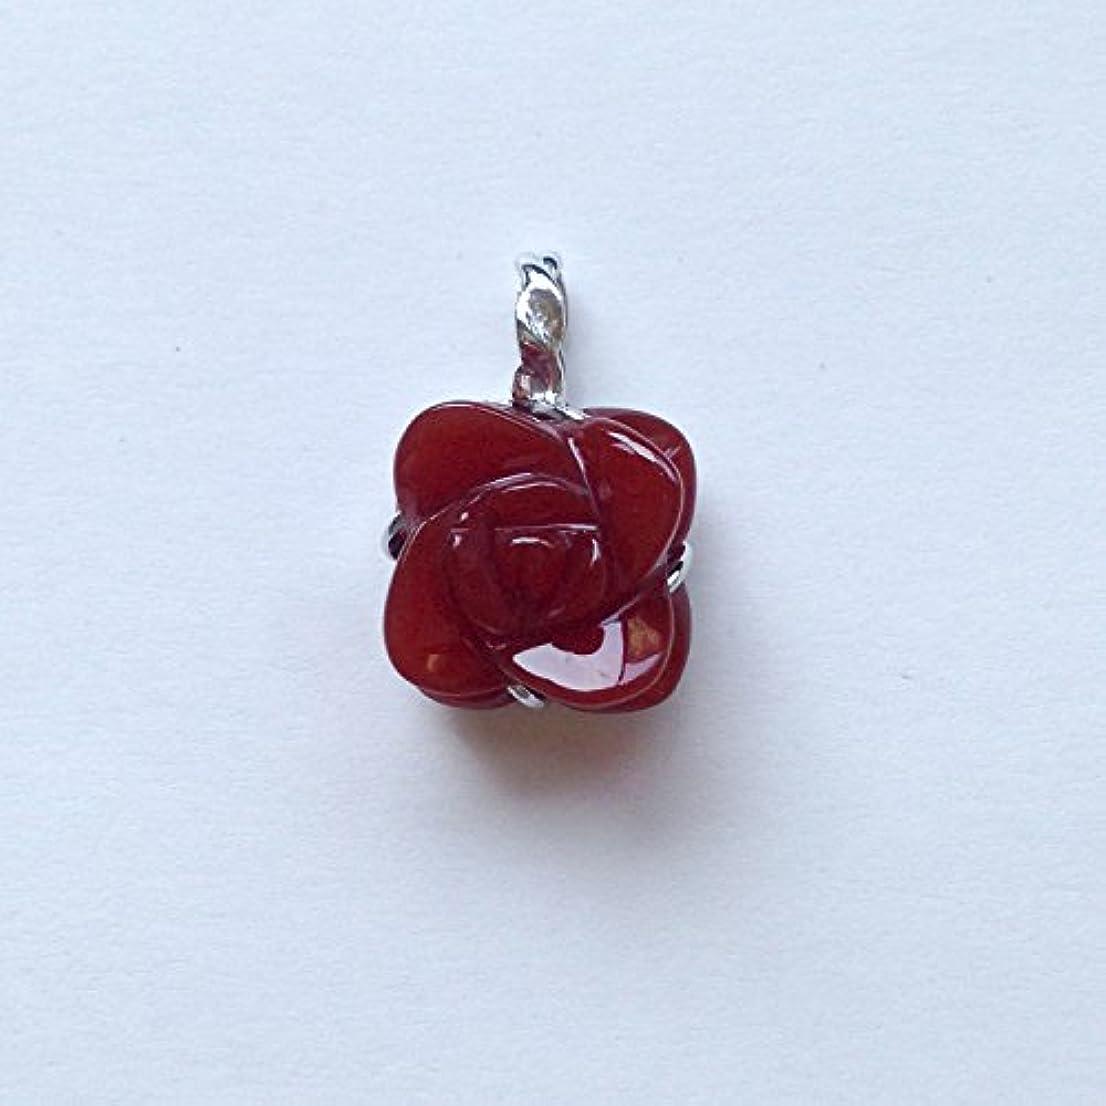 ジャニスパーティションカナダ香る宝石SV赤メノウペンダント通常¥26,800の所 (Ag925)